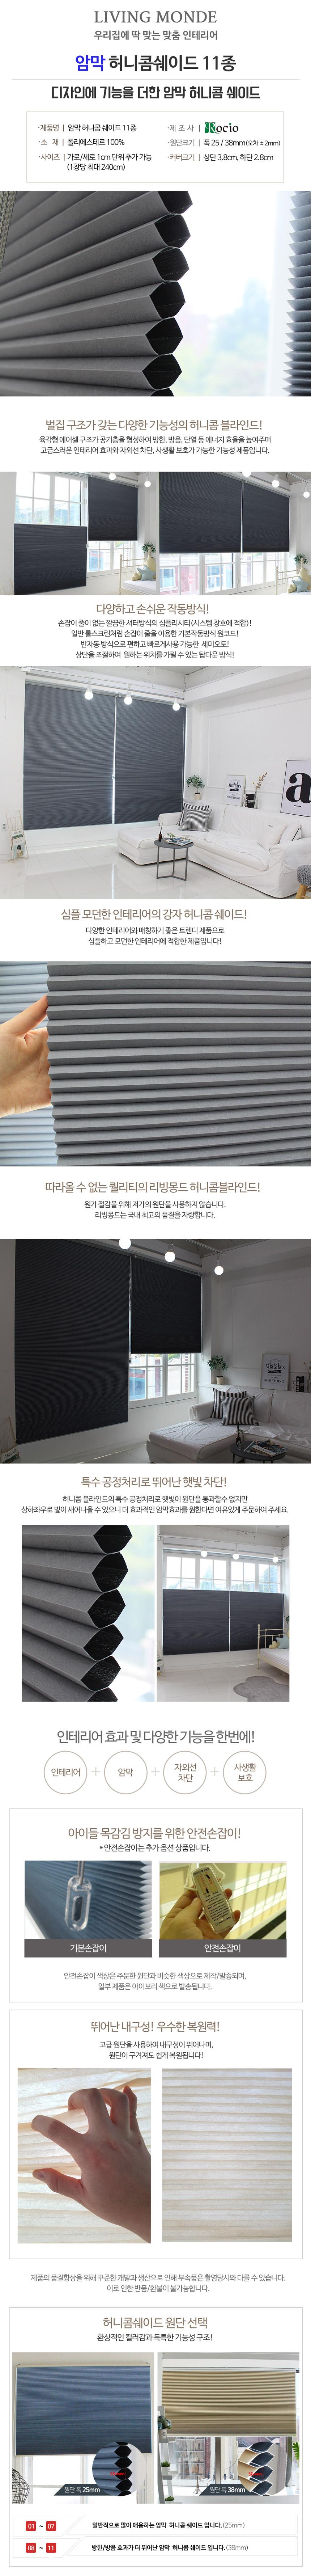 암막 허니콤 쉐이드 detail